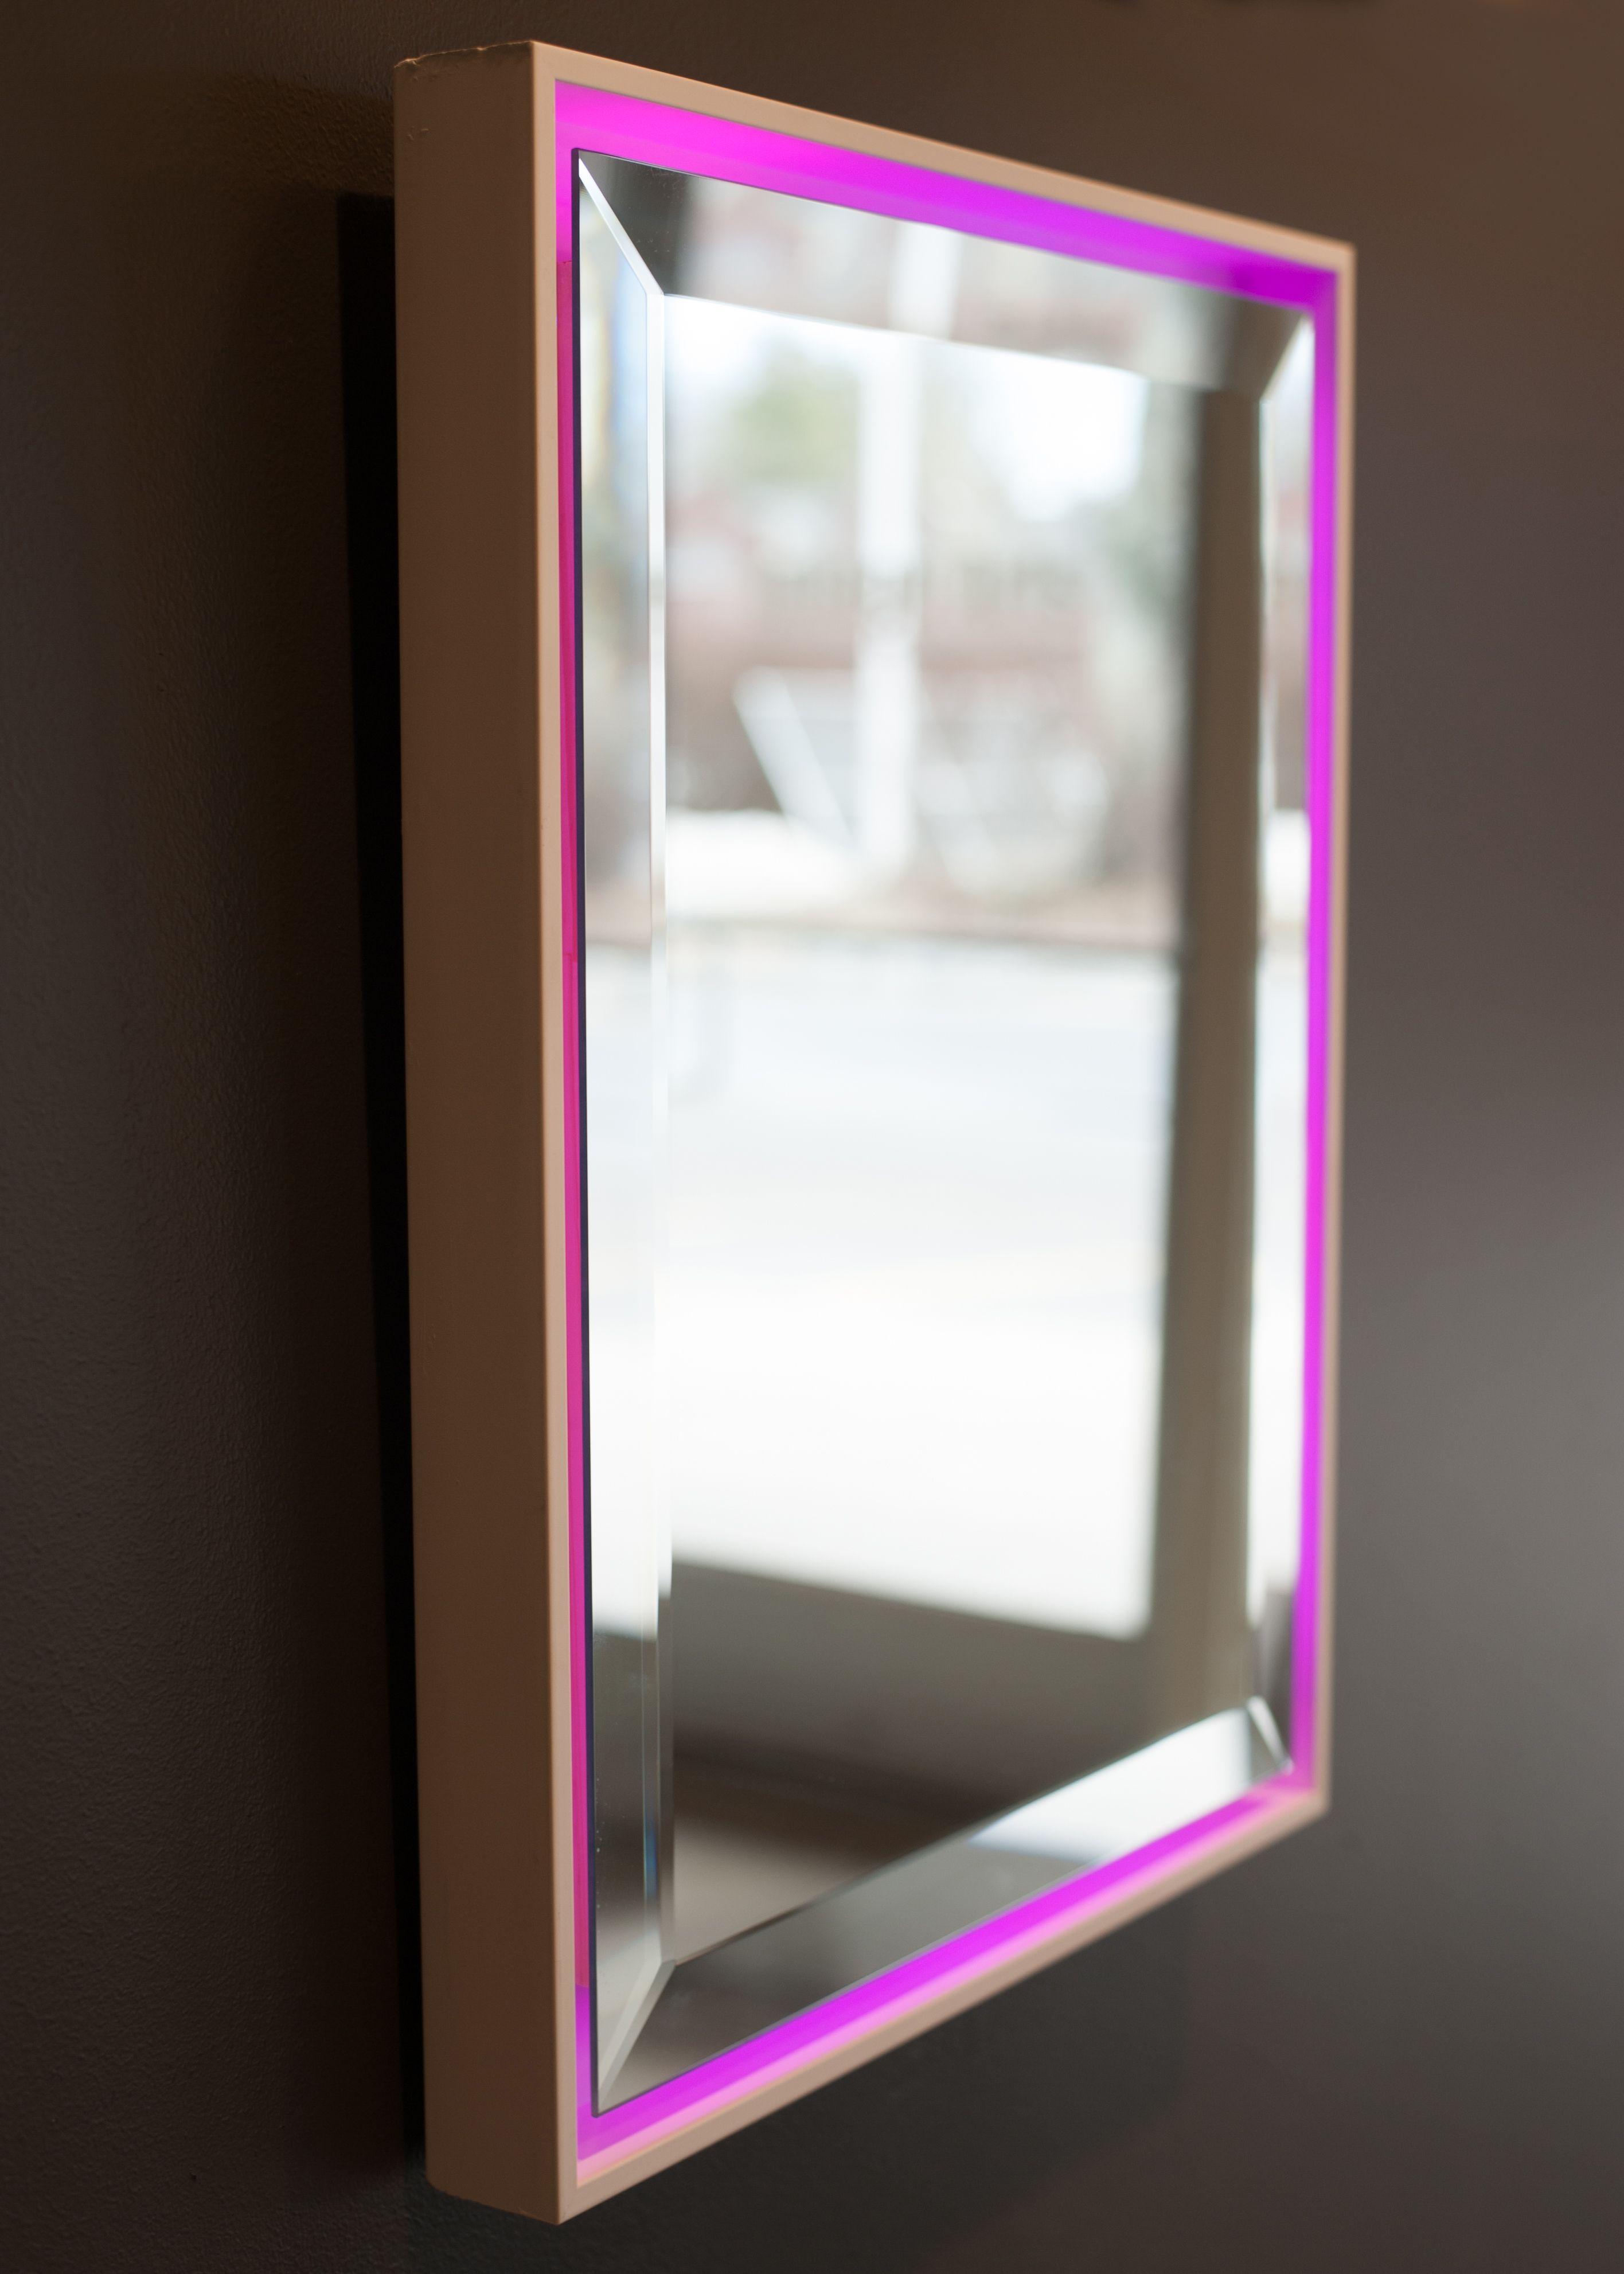 Color changing LED Back Lit Mirror in floating frame | Framing ...